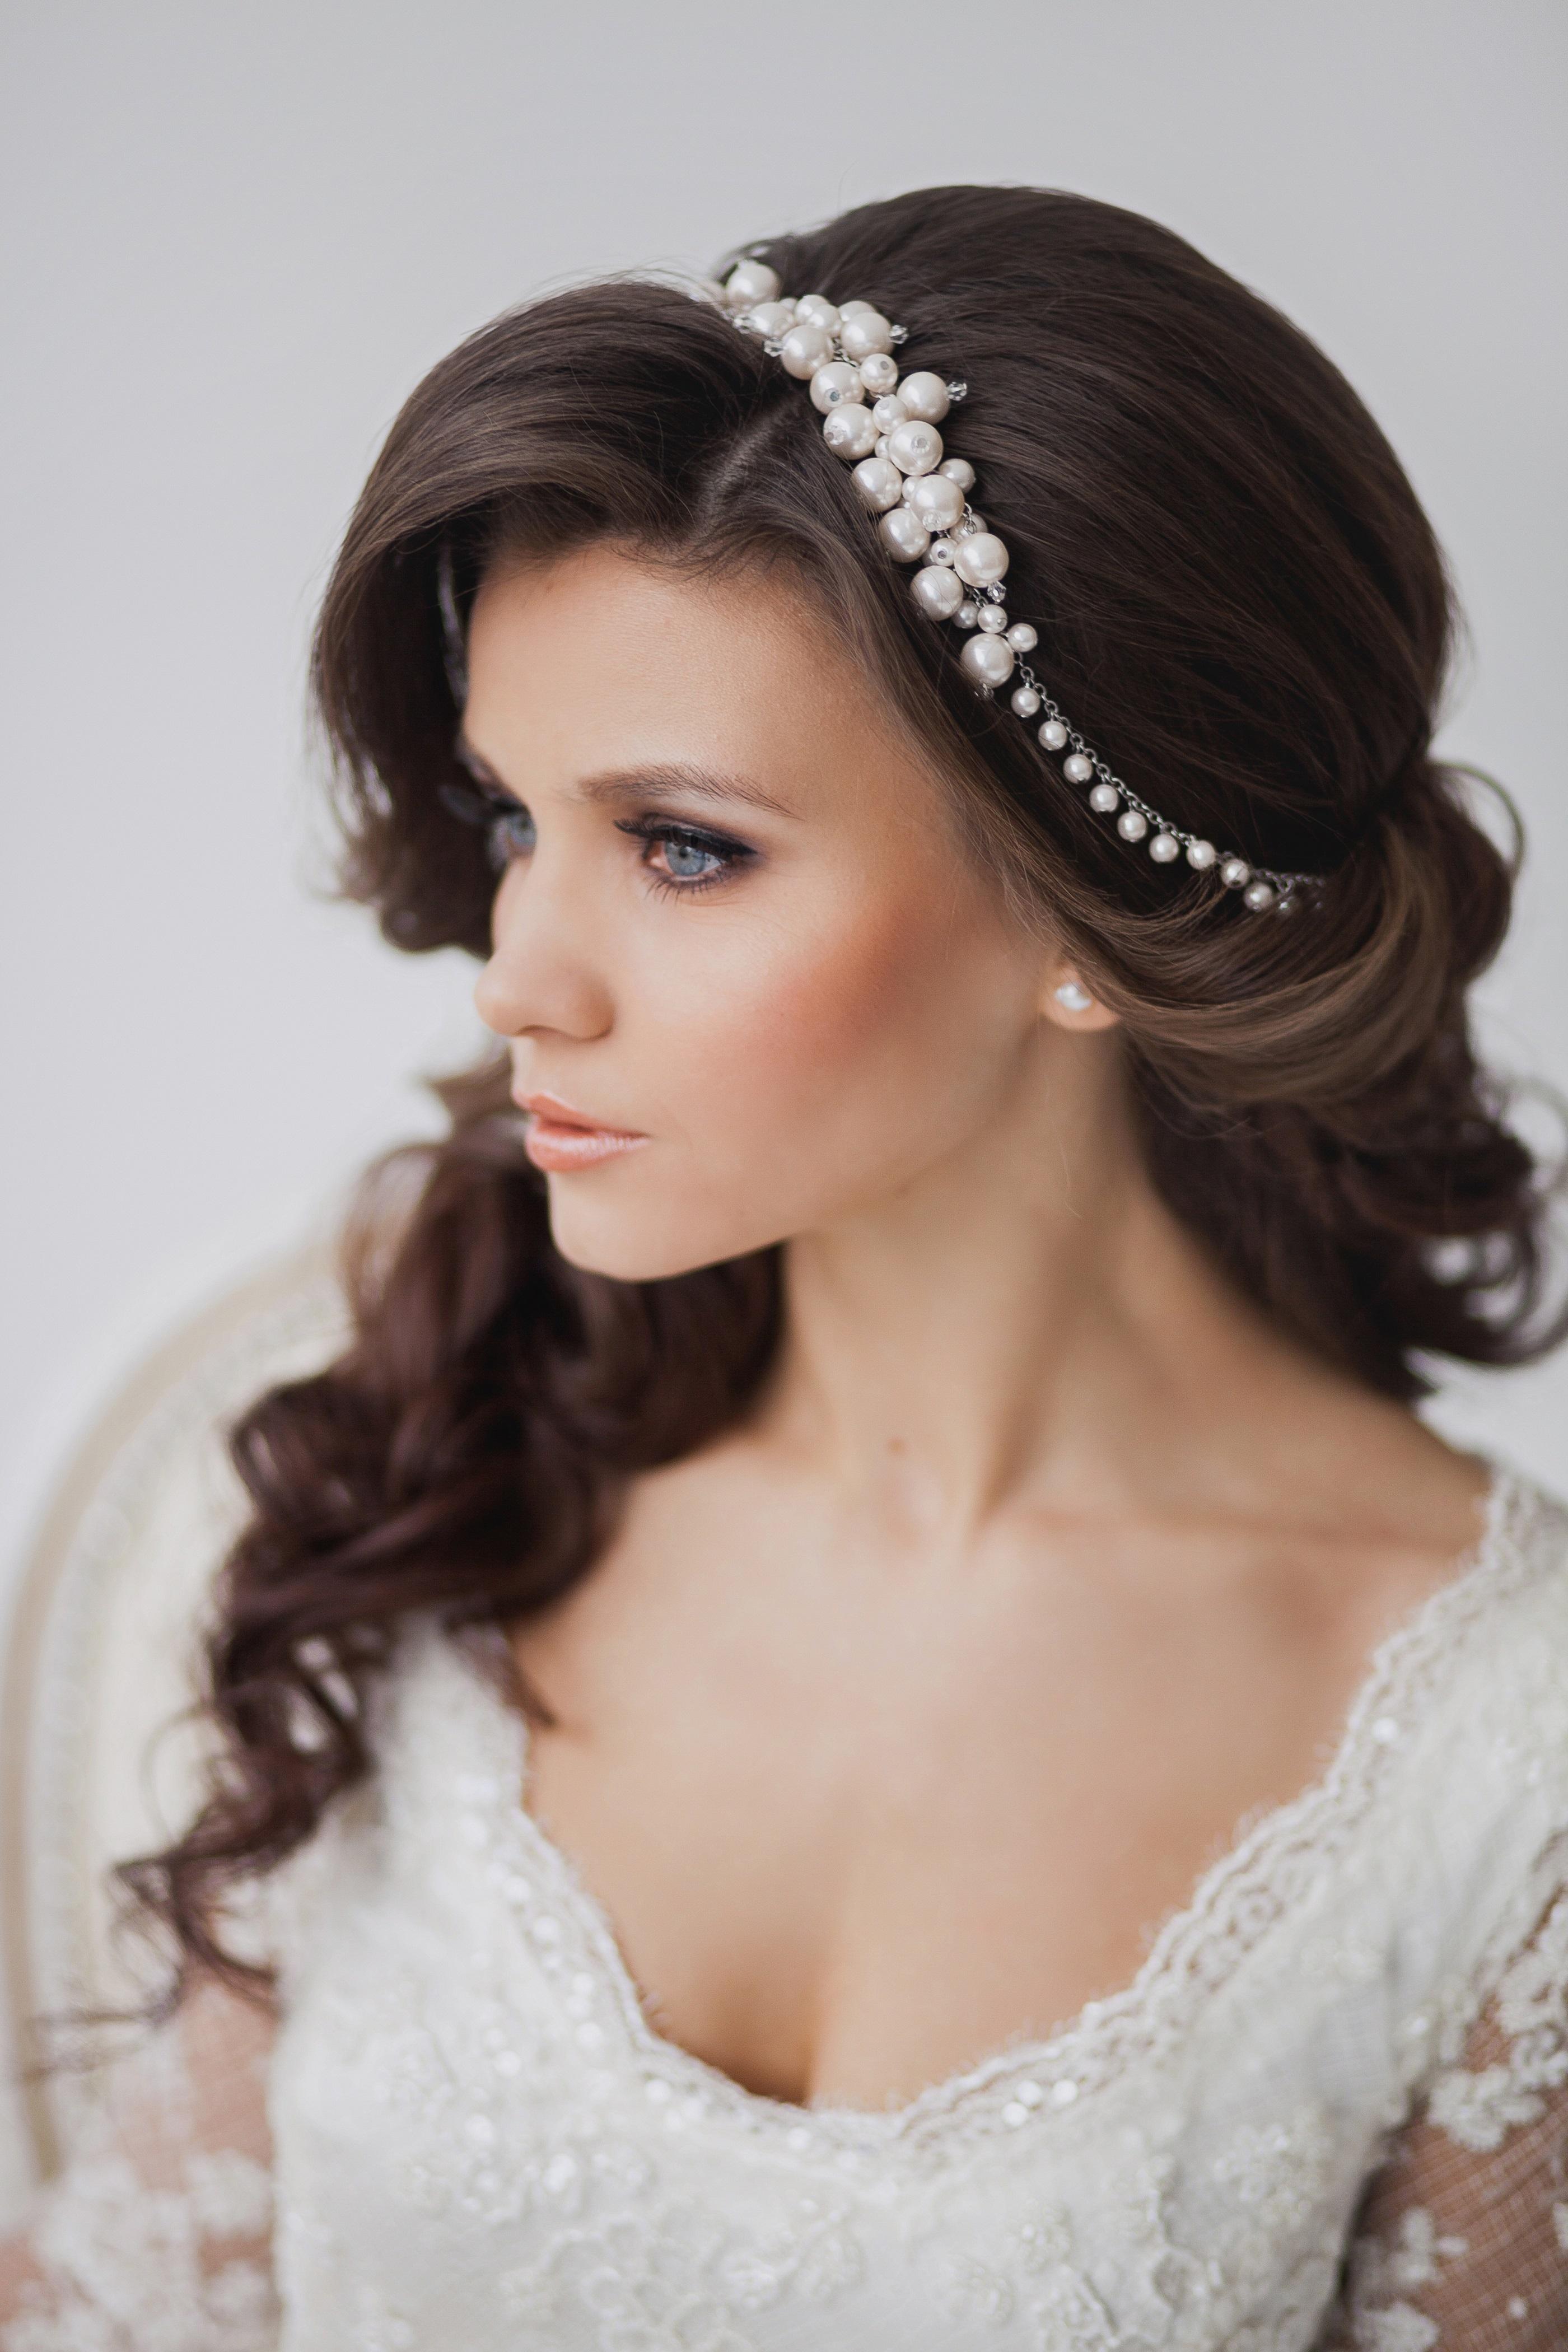 Прически фото на свадьбу с распущенными волосами